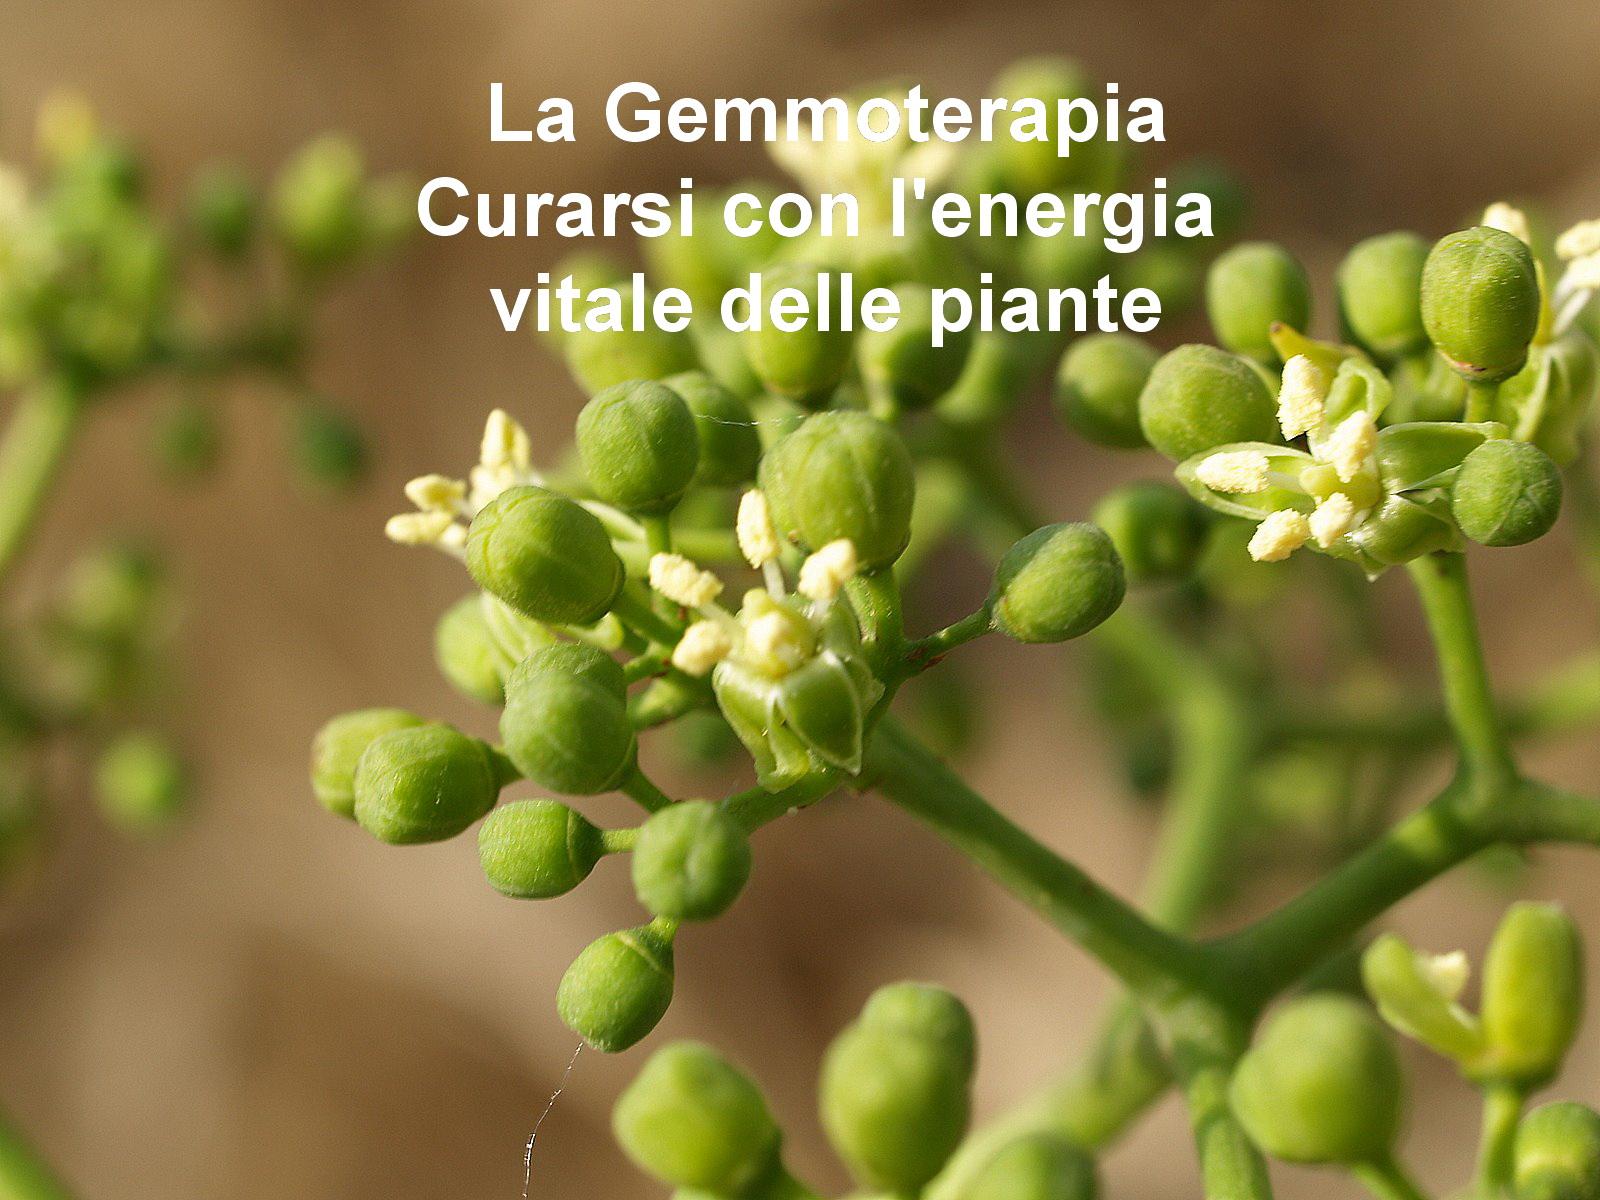 La Merismoterapia depura organi e apparati grazie all'uso di estratti vegetali MEDICINA NATURALE